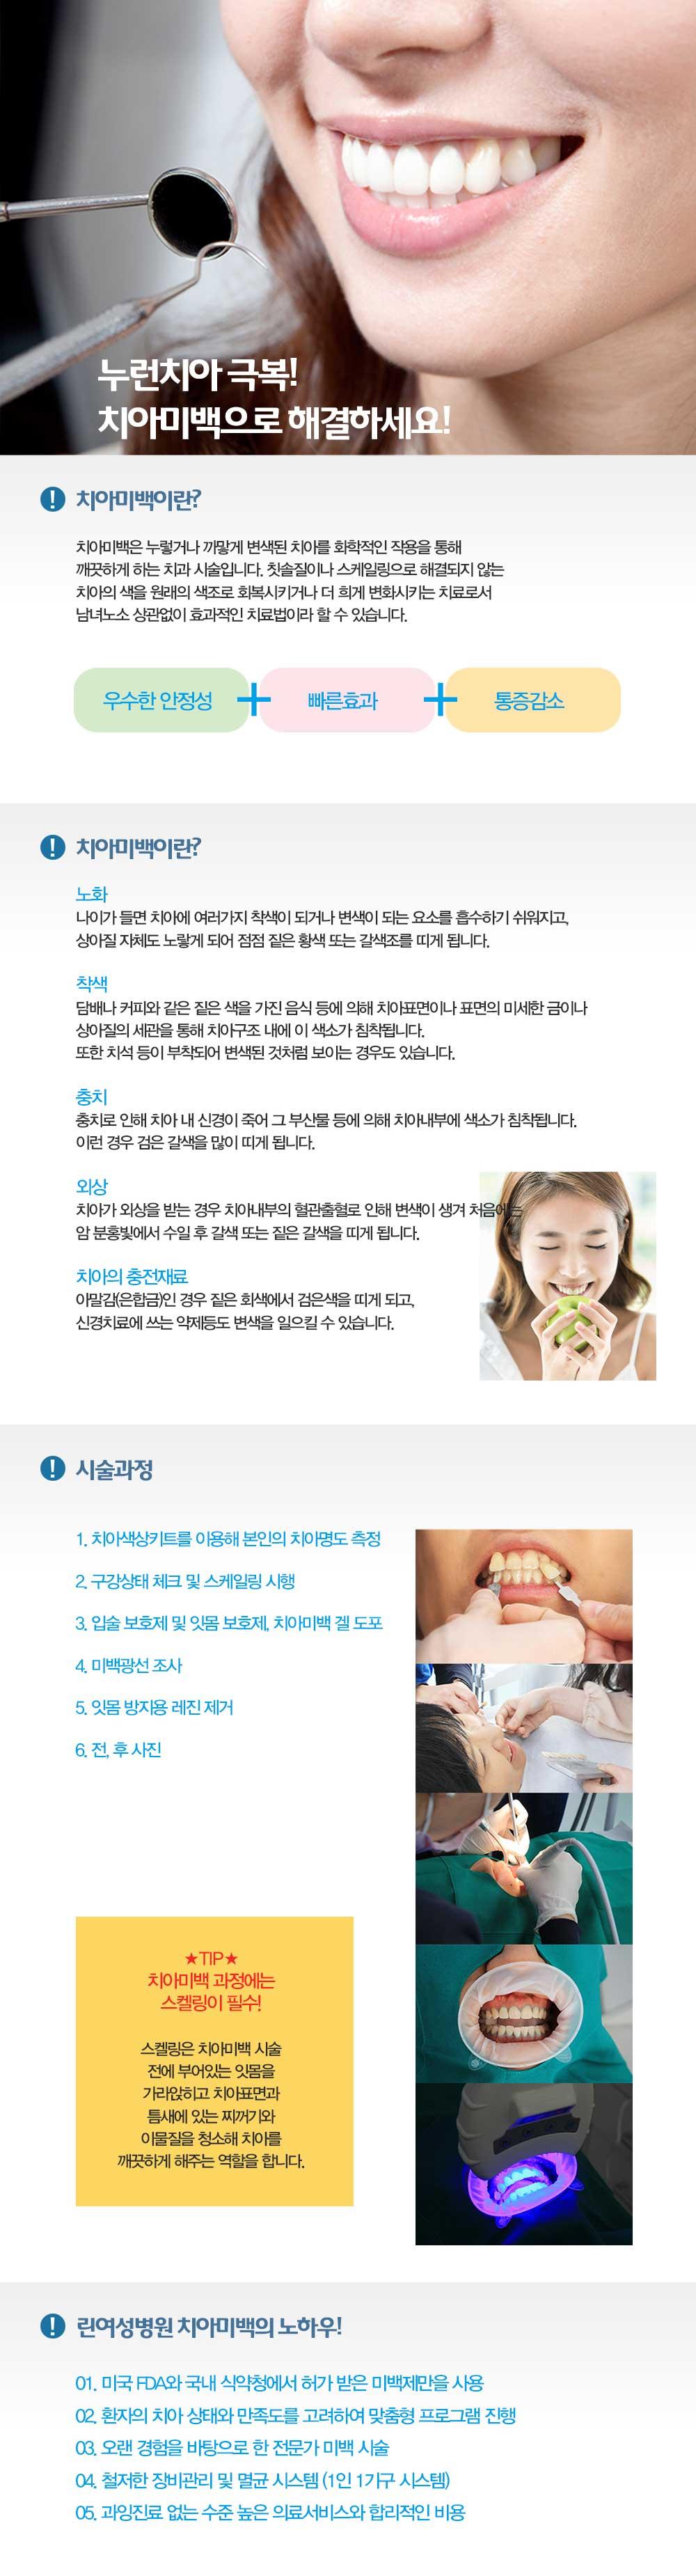 치아미백소개